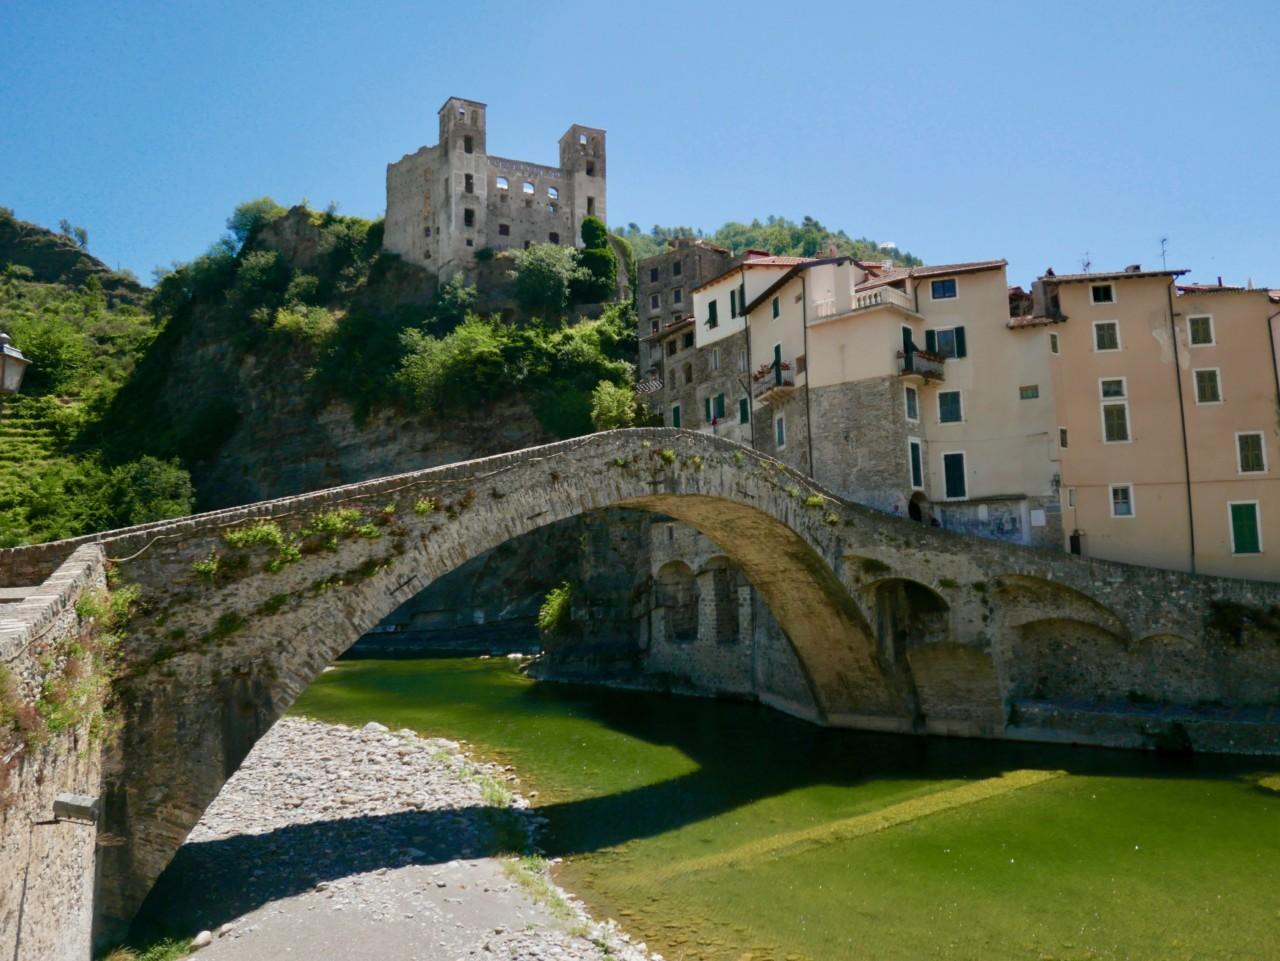 il-borgo-dolceacqua-italia-green-water-anja-stang